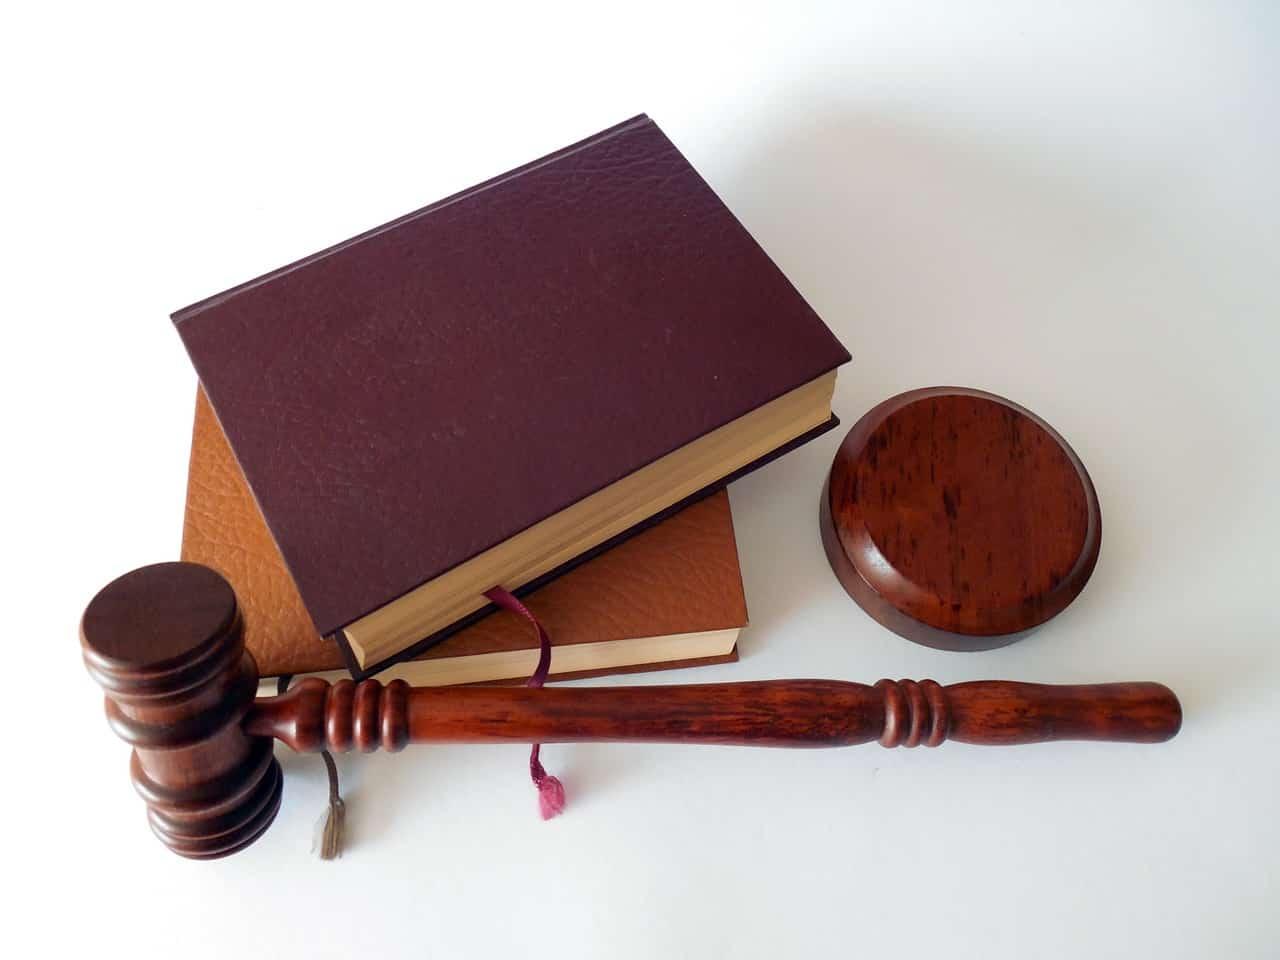 Résidences-services : obligation aux charges des copropriétaires de lots vacants